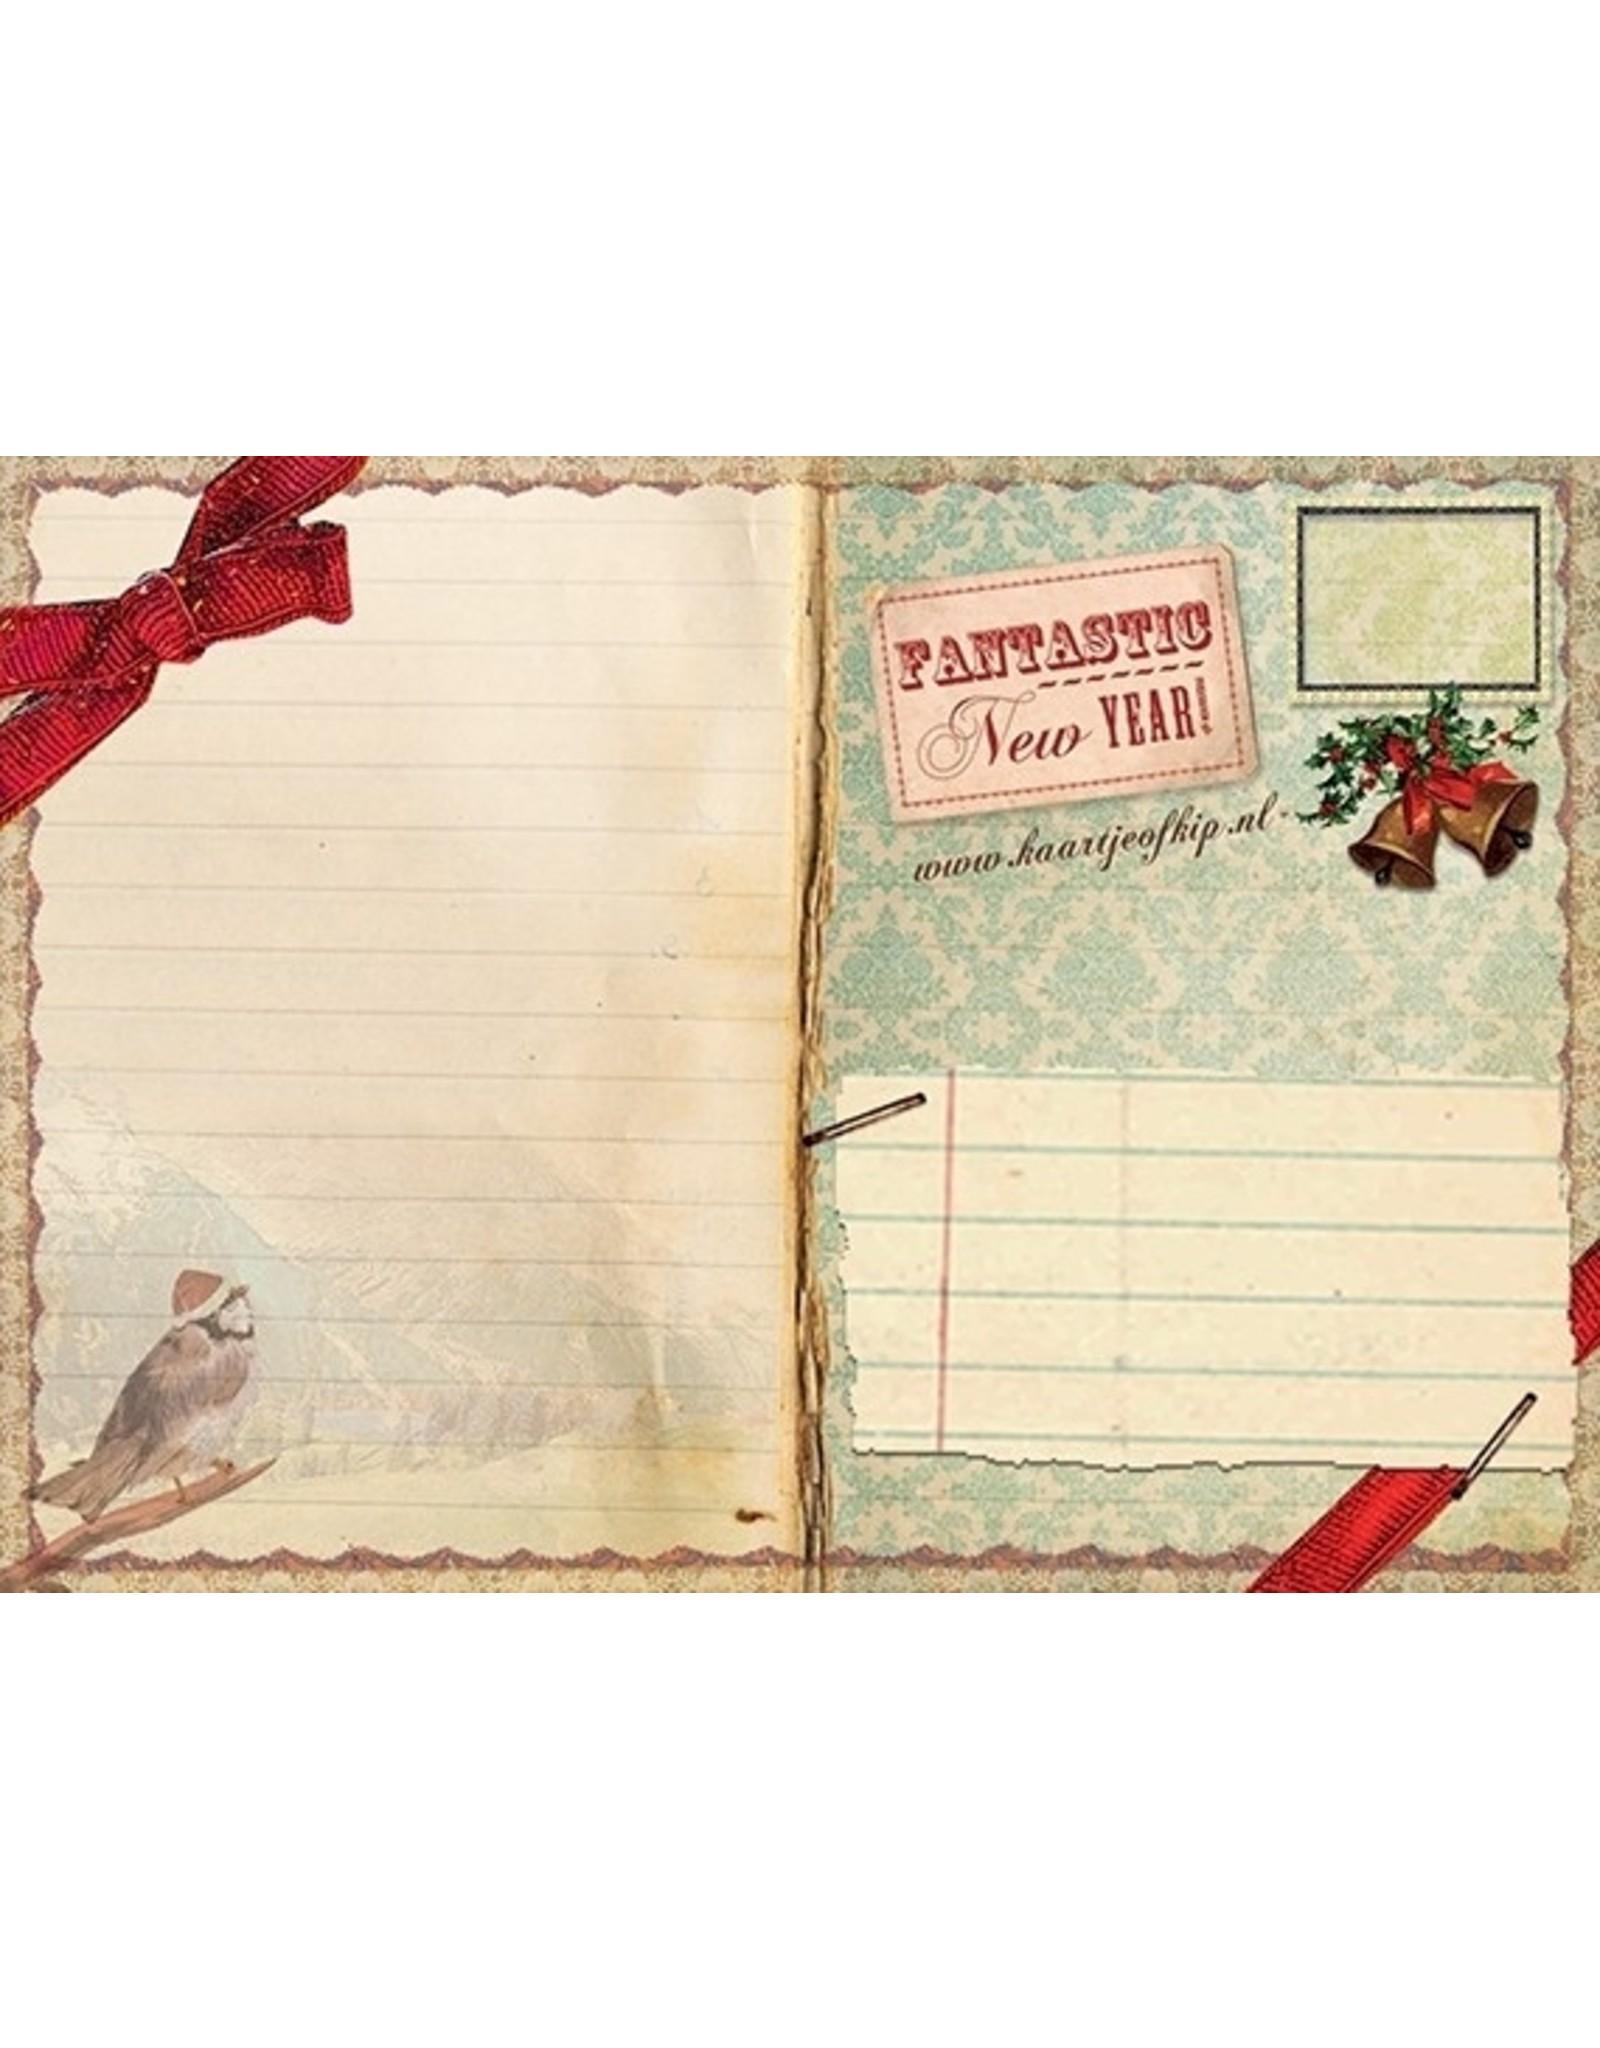 Christmas card - new year birds